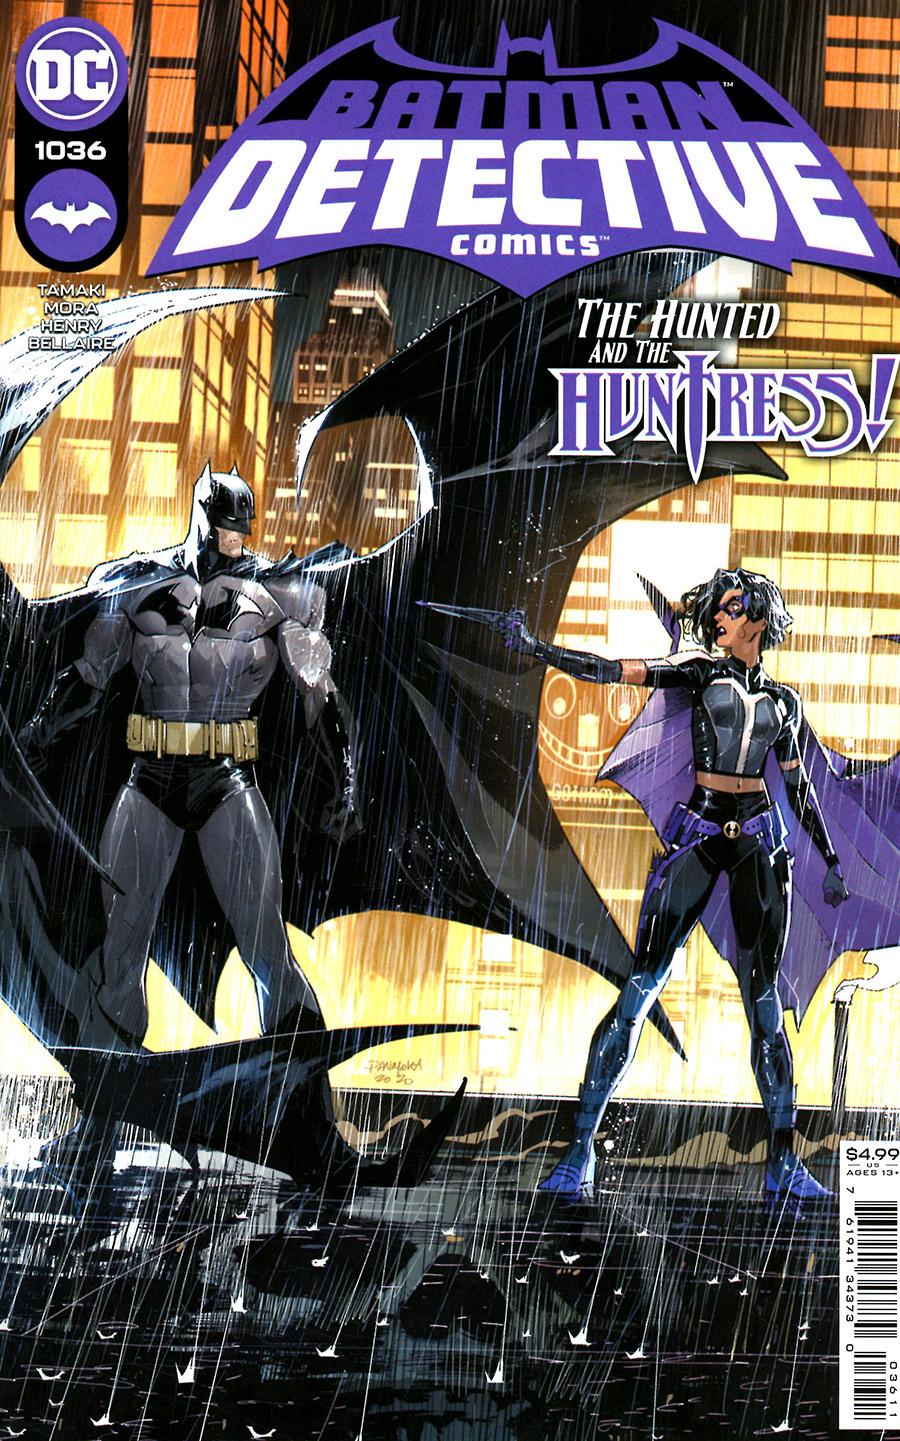 Detective Comics Vol 2 #1036 Cover A Regular Dan Mora Cover